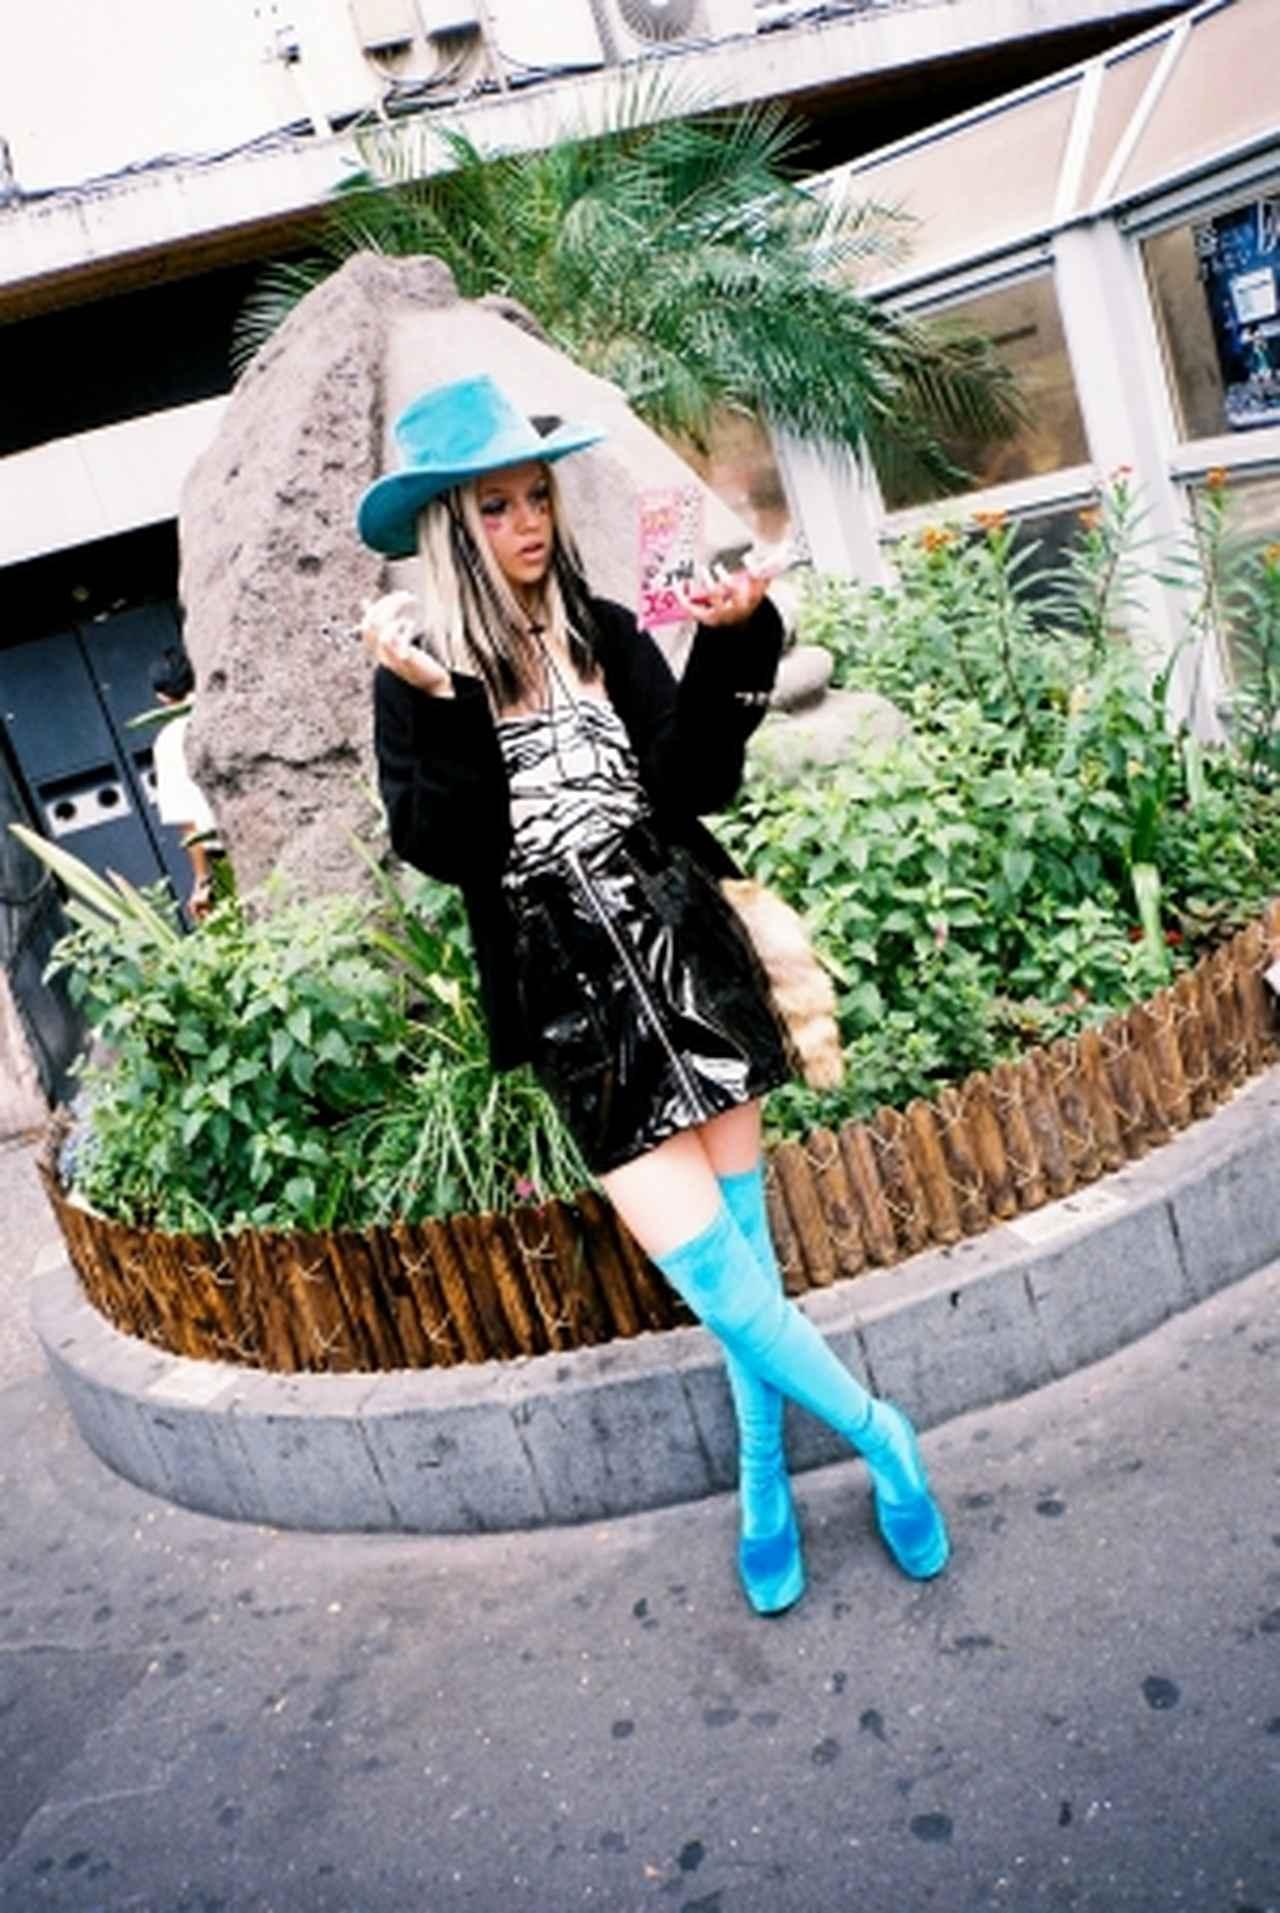 画像4: X-girl、ストリート×コギャルカルチャーのキャンペーン、渋谷109で初のポップアップストア